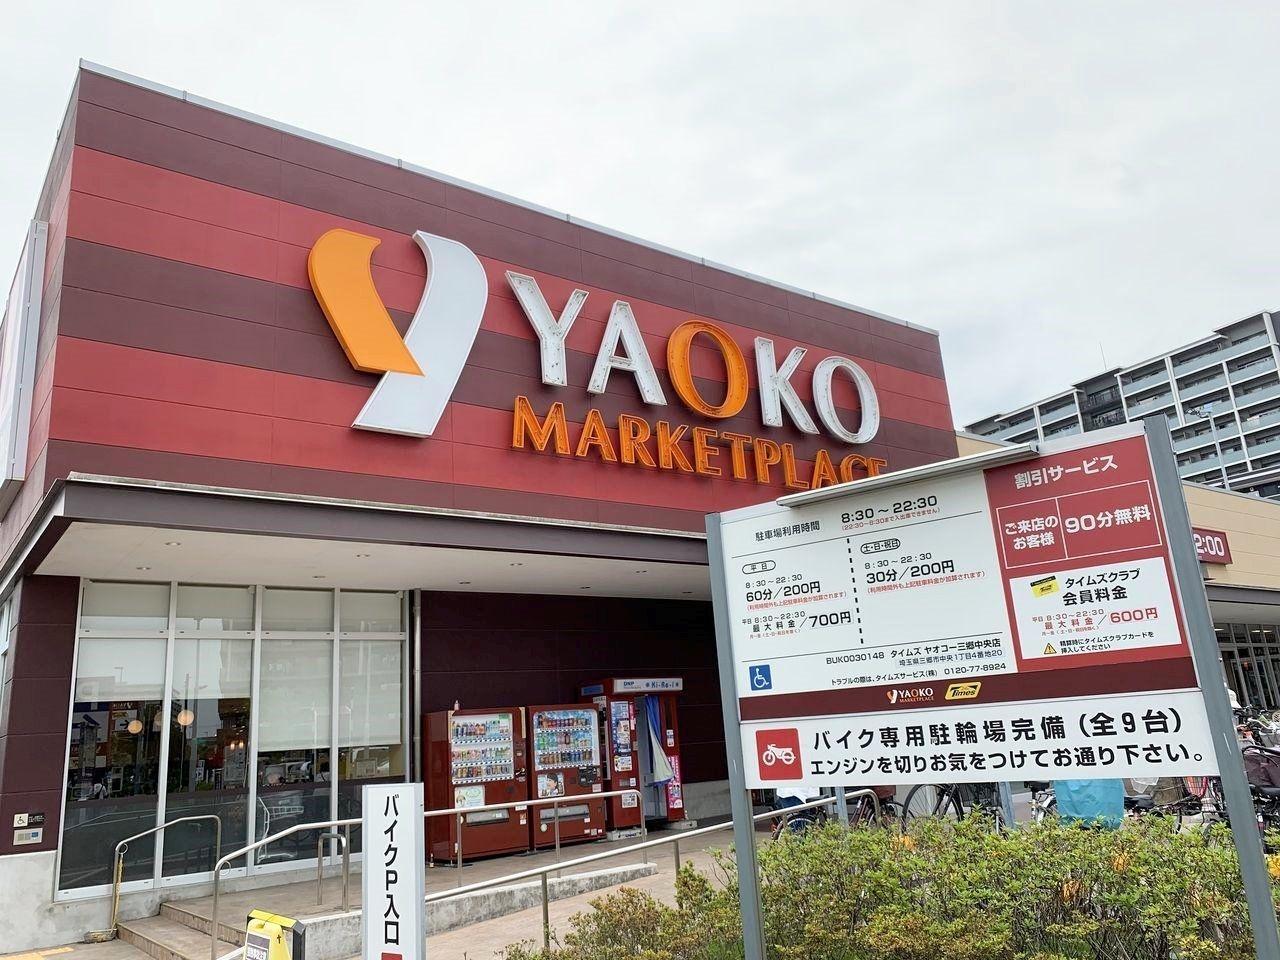 三郷市中央1-4-20 営業時間:9:00~22:00 駐車台数 160台(有料)※ご来店のお客様は90分無料